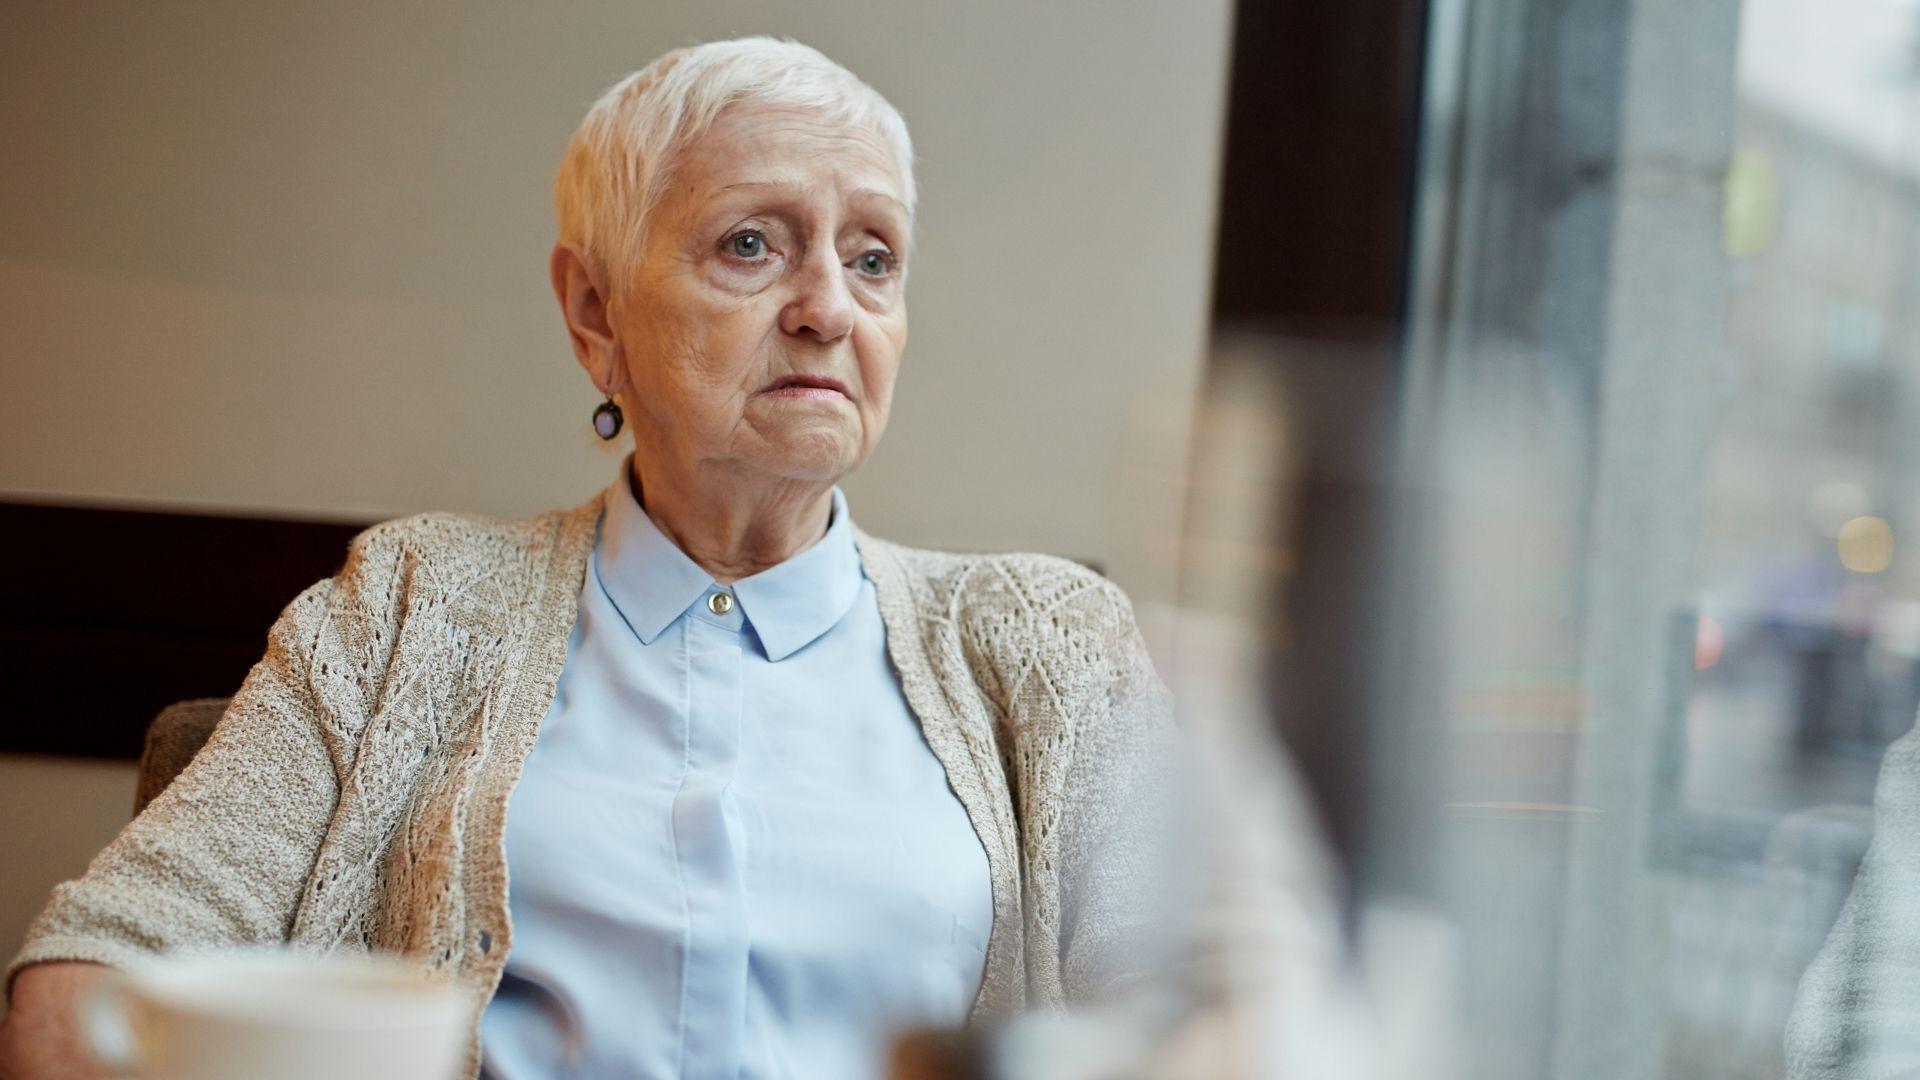 страх пользования картой пенсионеры опасаются мошенников